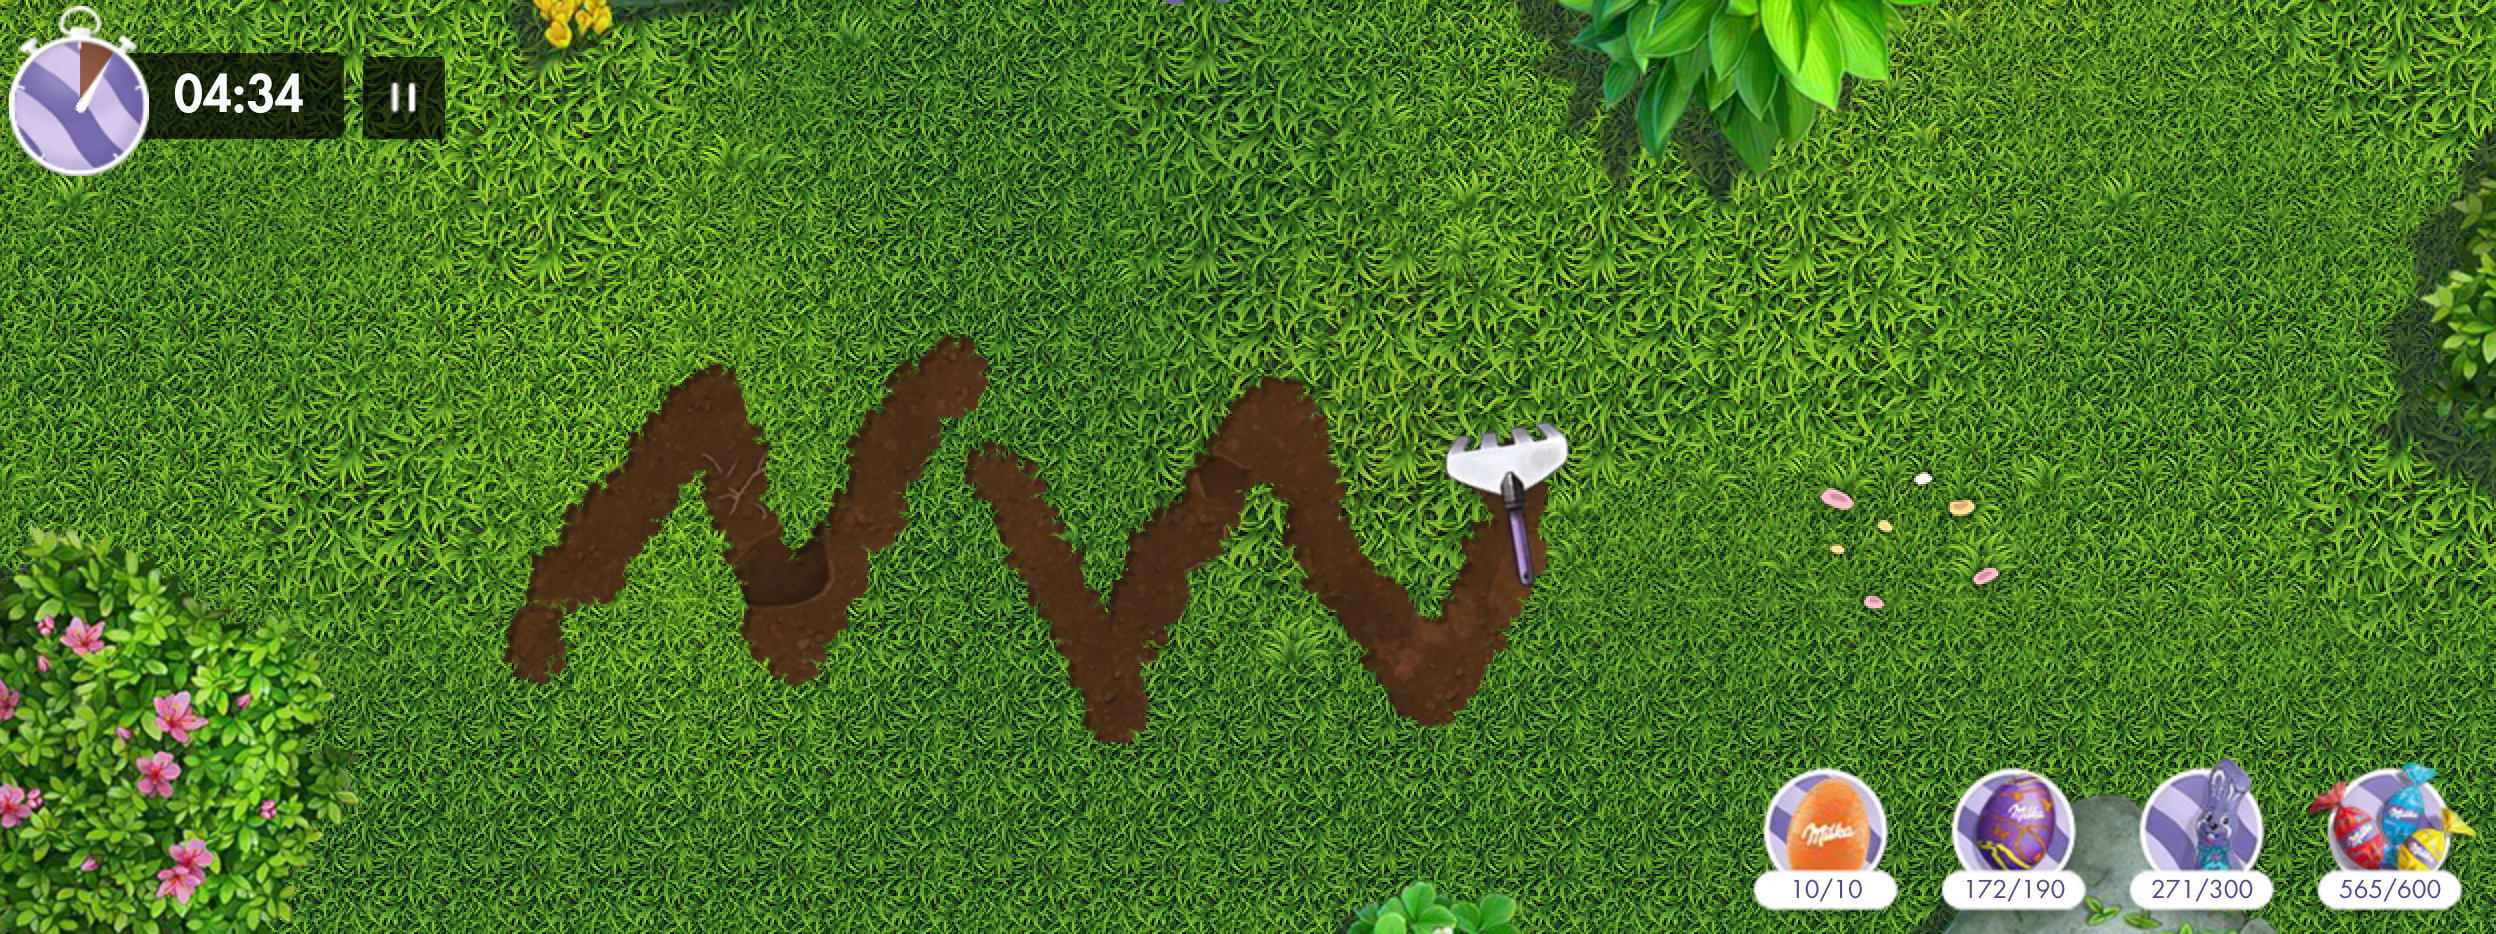 Jusqu'au 5 avril venez gratter le jardin milka pour trouver les oeufs cachés par le lapin Milka